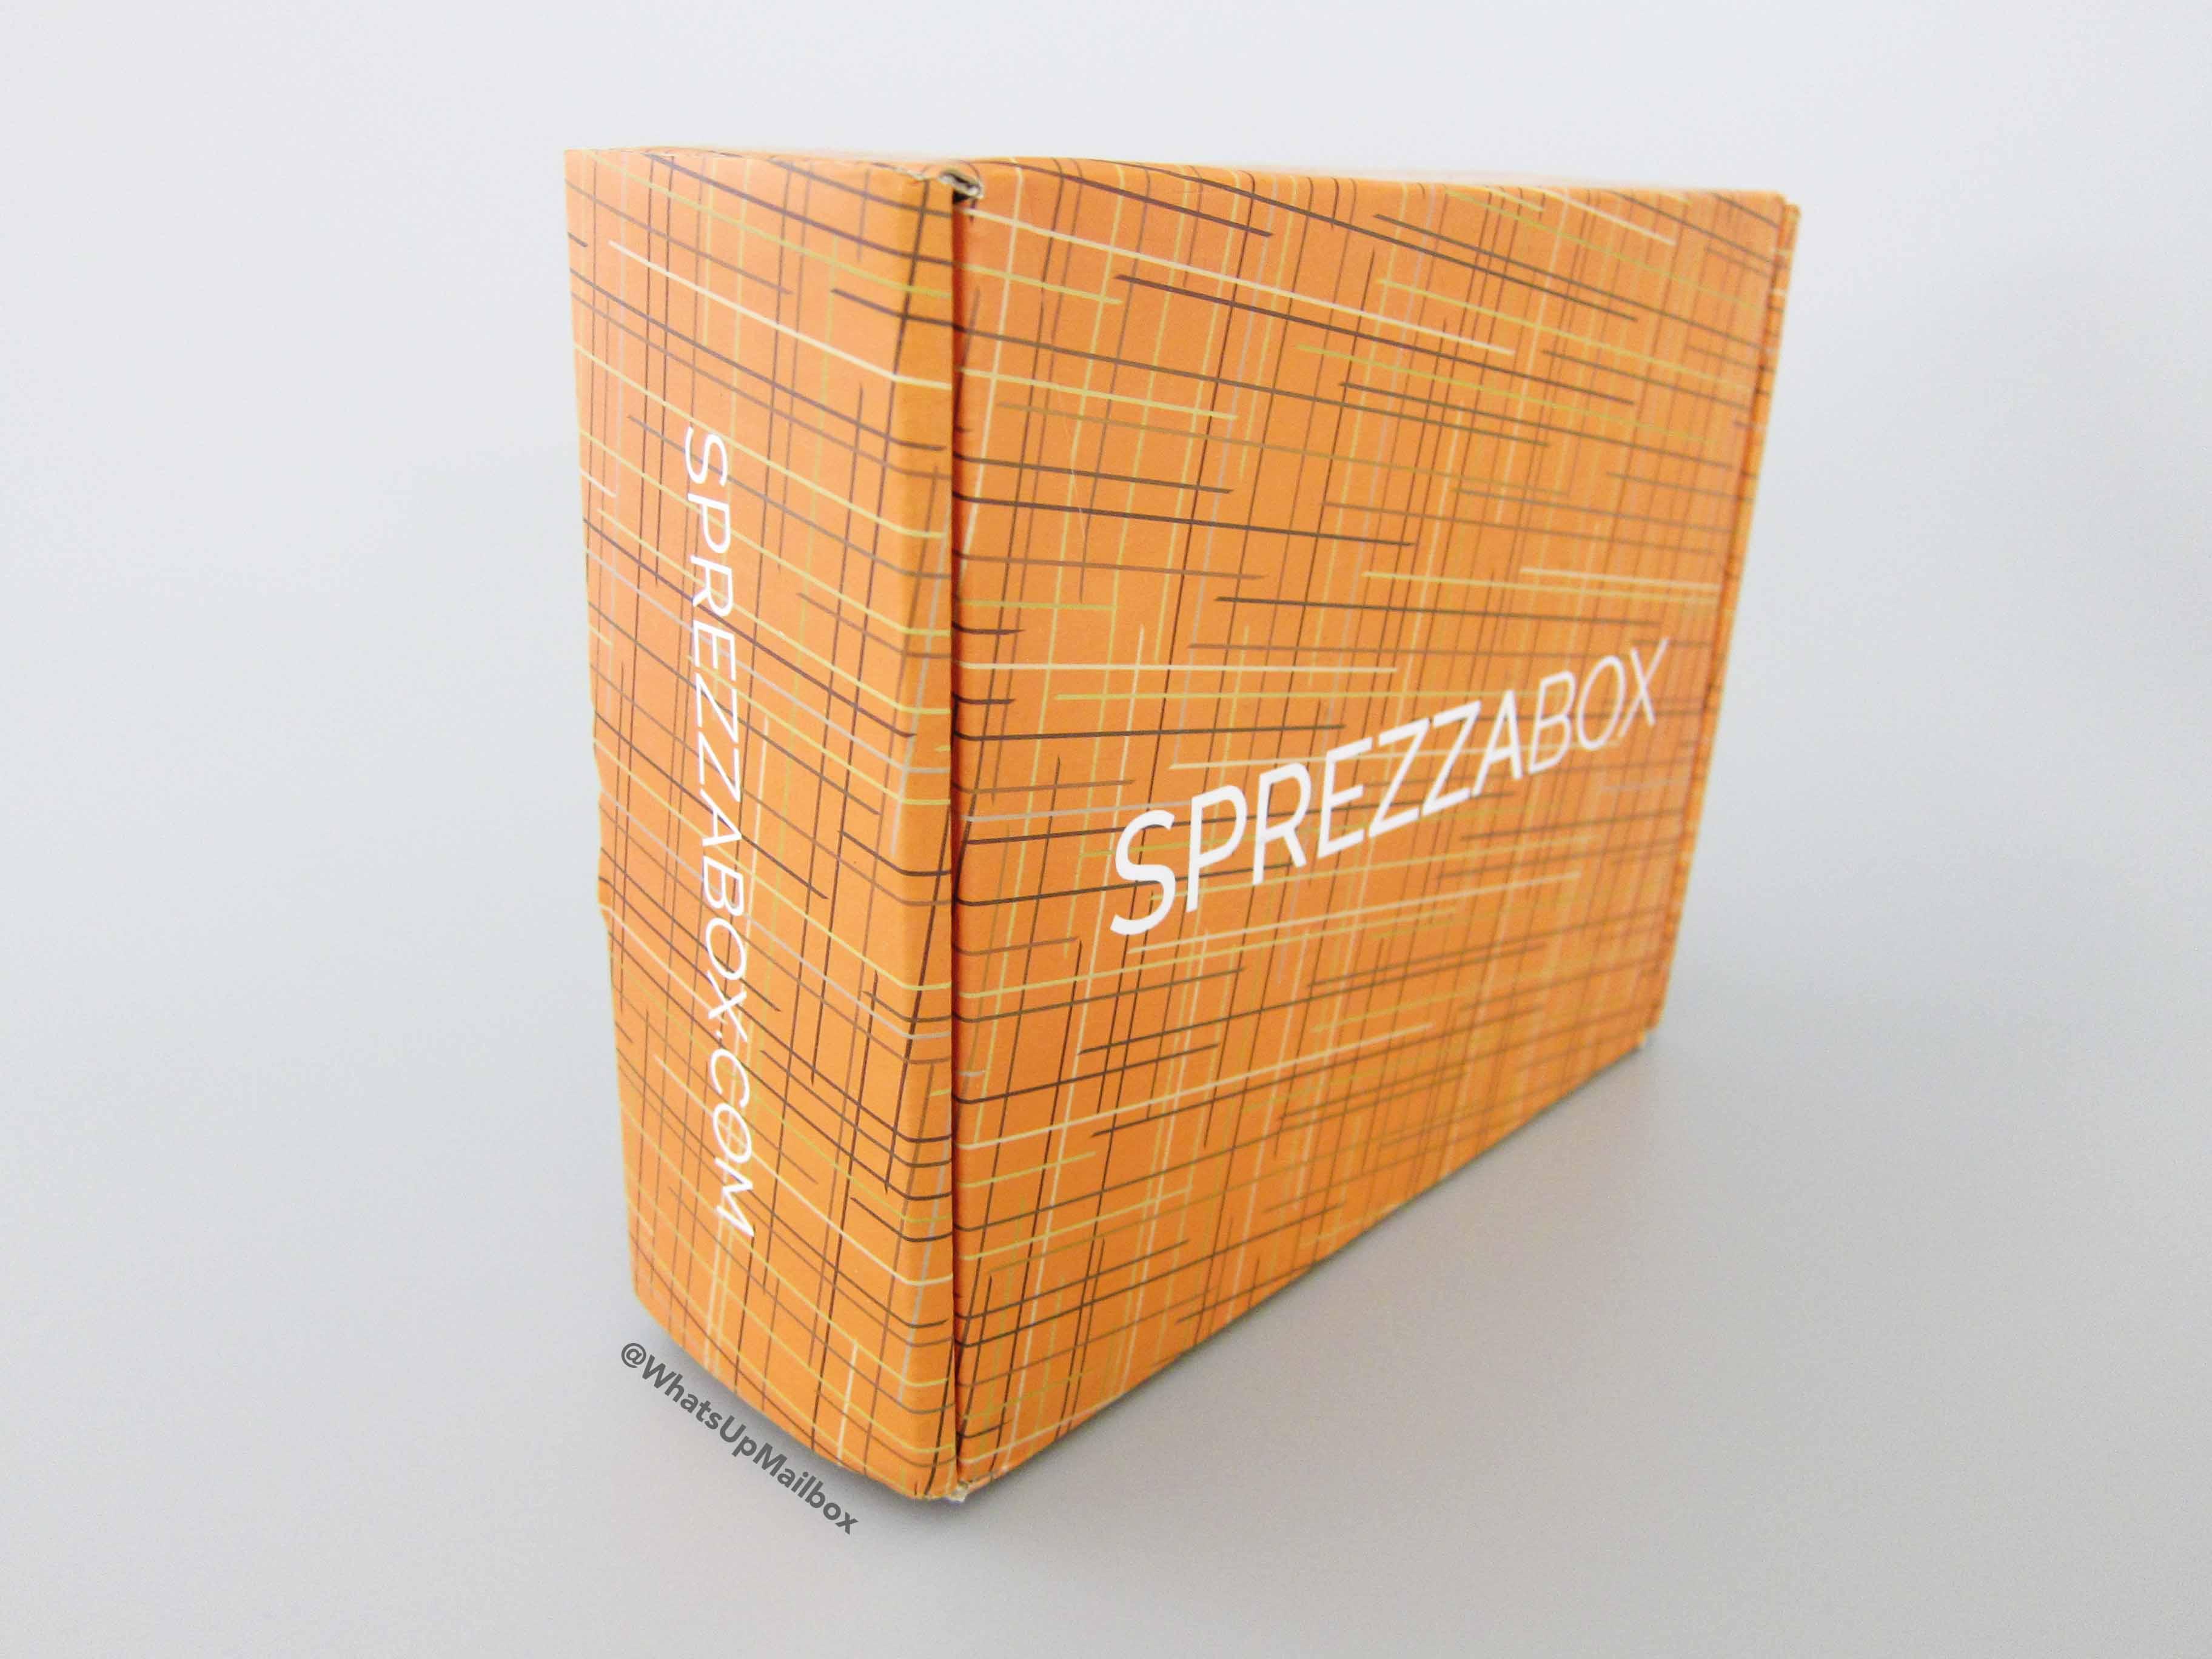 Sprezza Box October 2016 Box